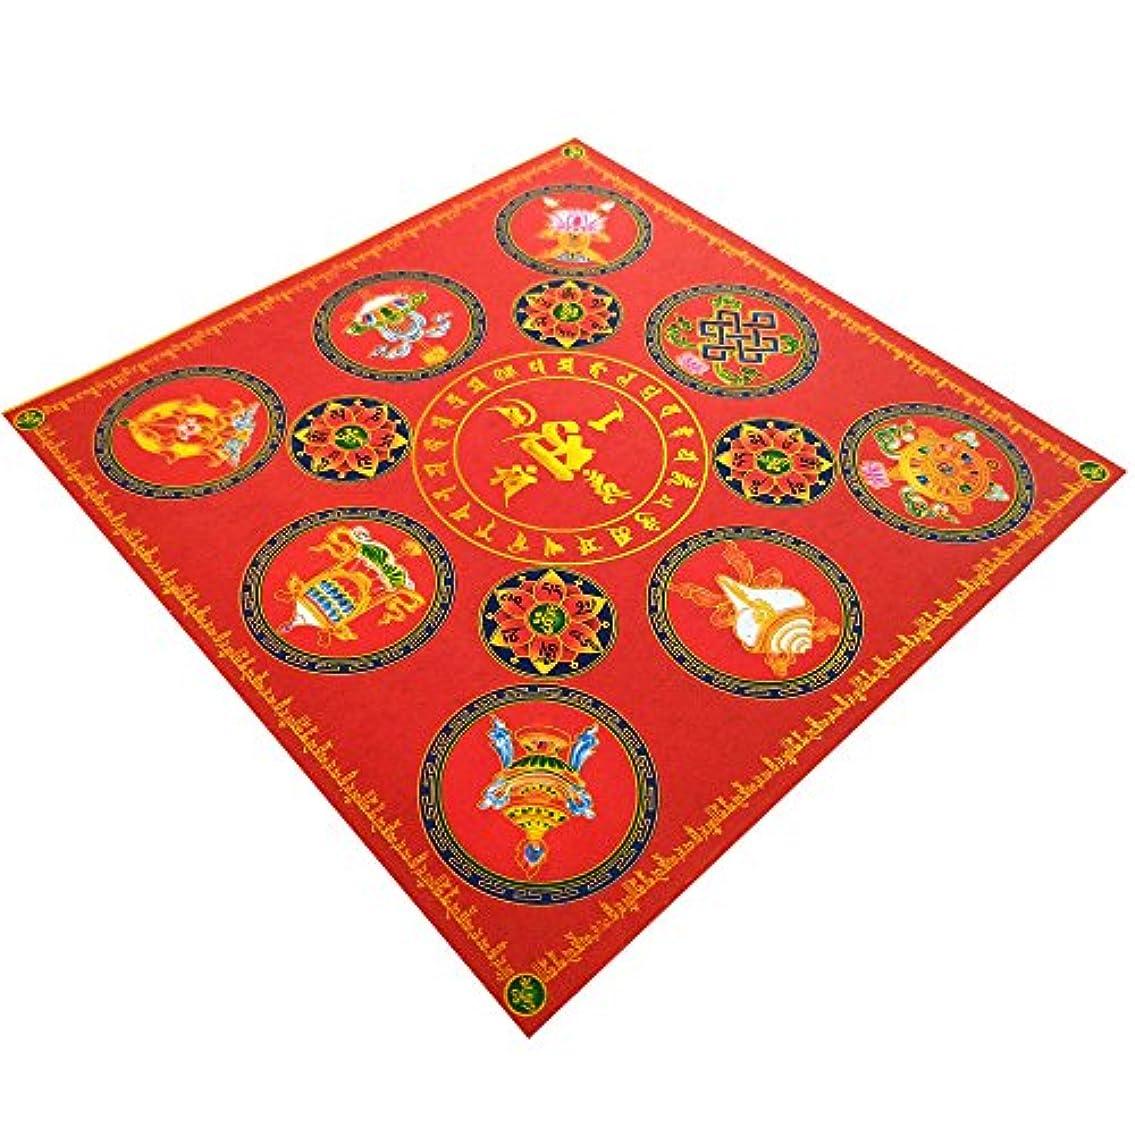 苦しみ衝動抹消zeestar祖先Incense用紙/ゴーストお金の祖先Praying 7.6インチx 7.6インチ、40個 – 吉祥(Lotus